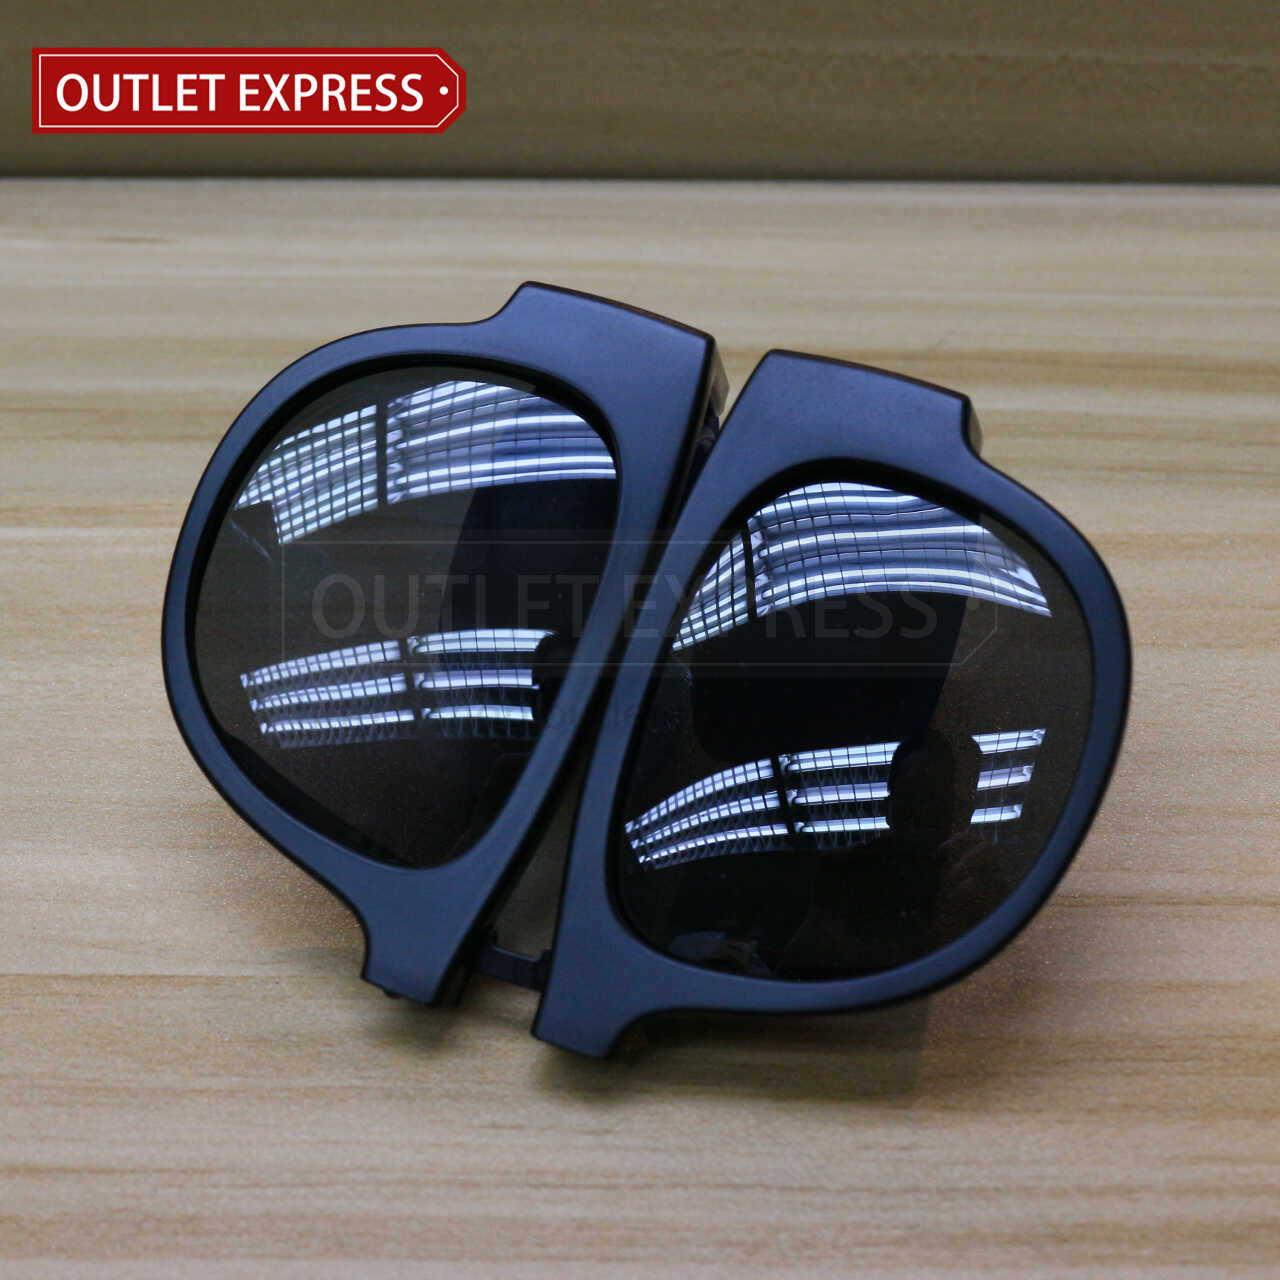 紐西蘭 SlapSee 變形偏光太陽眼鏡  摺疊- Outlet Express HK 生活百貨城實拍圖